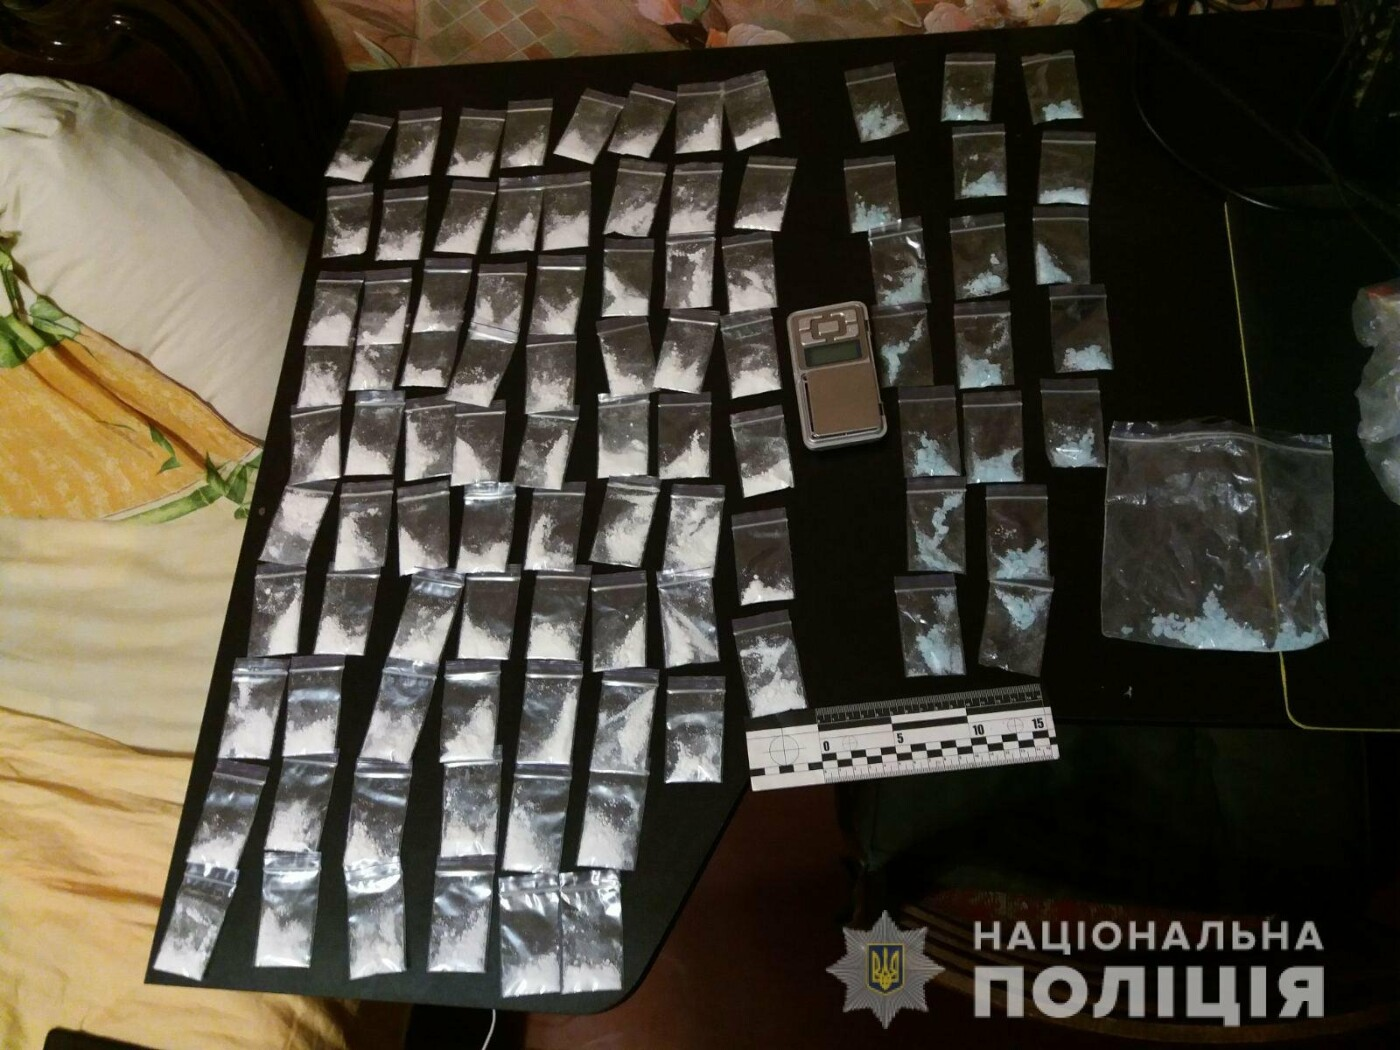 Купил оптом, расфасовал дома и делал «закладки»: в Харькове полиция задержала мужчину с сотней доз наркотиков, - ФОТО, фото-1